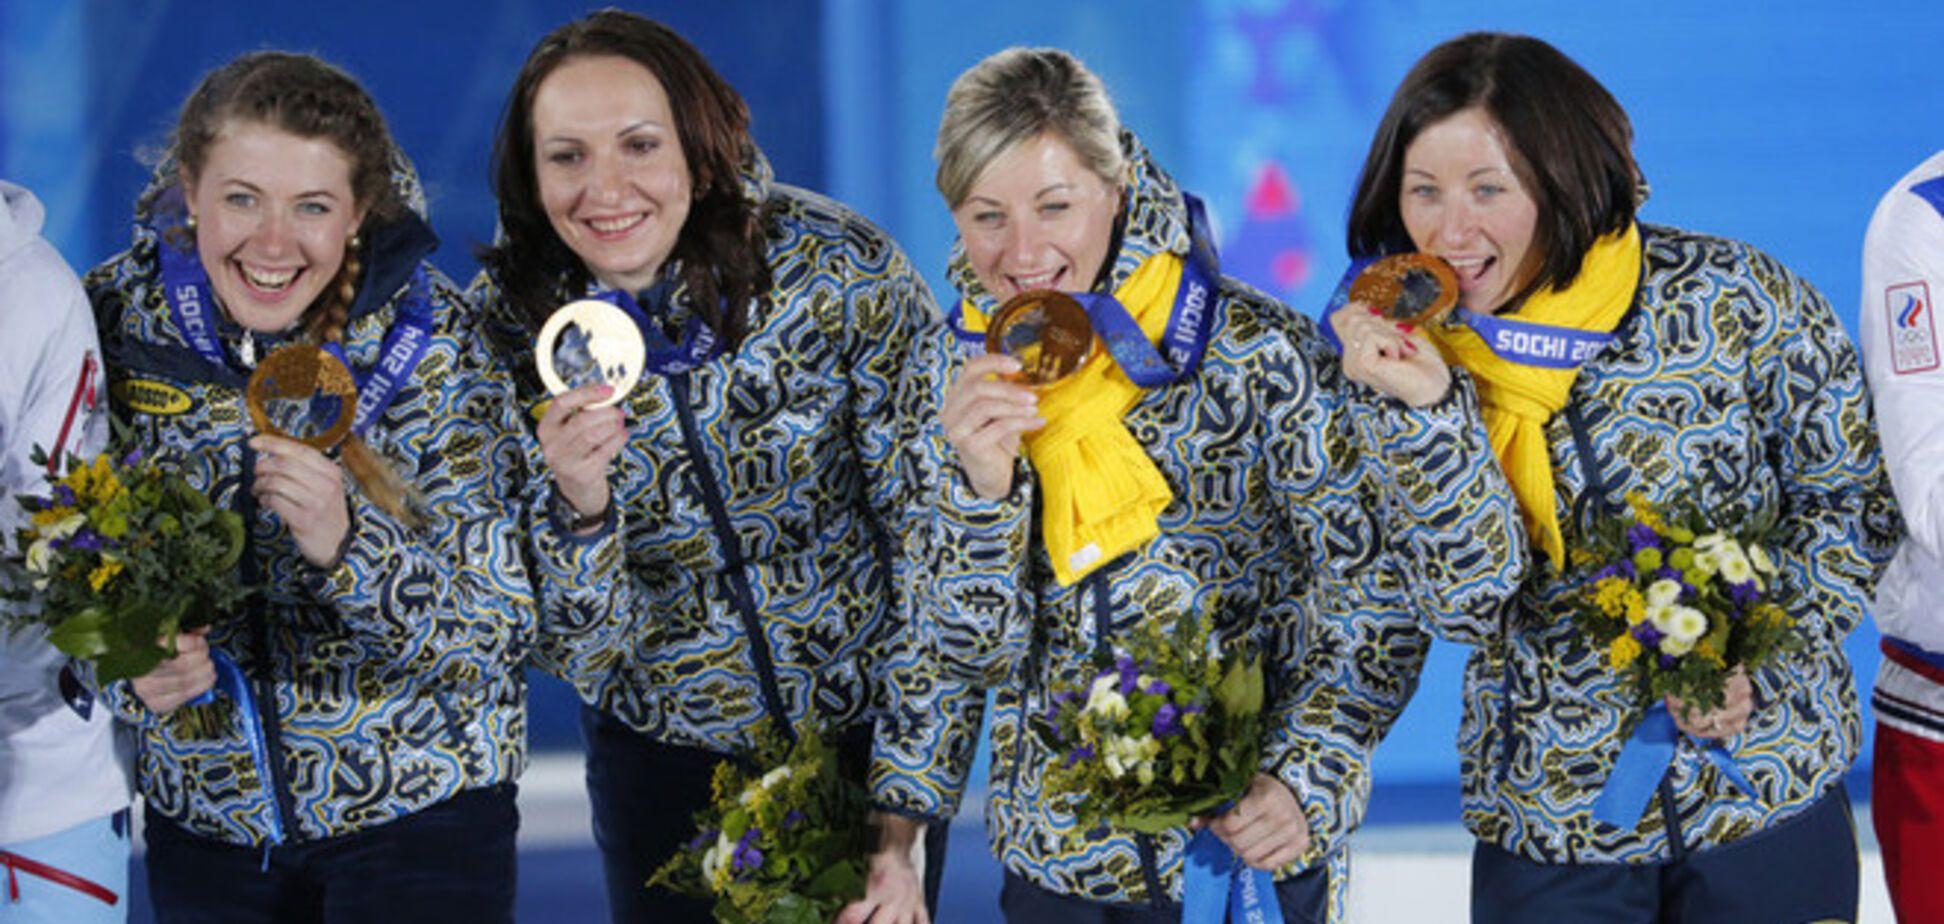 Наши каратели. Главные спортивные победы Украины в 2014 году